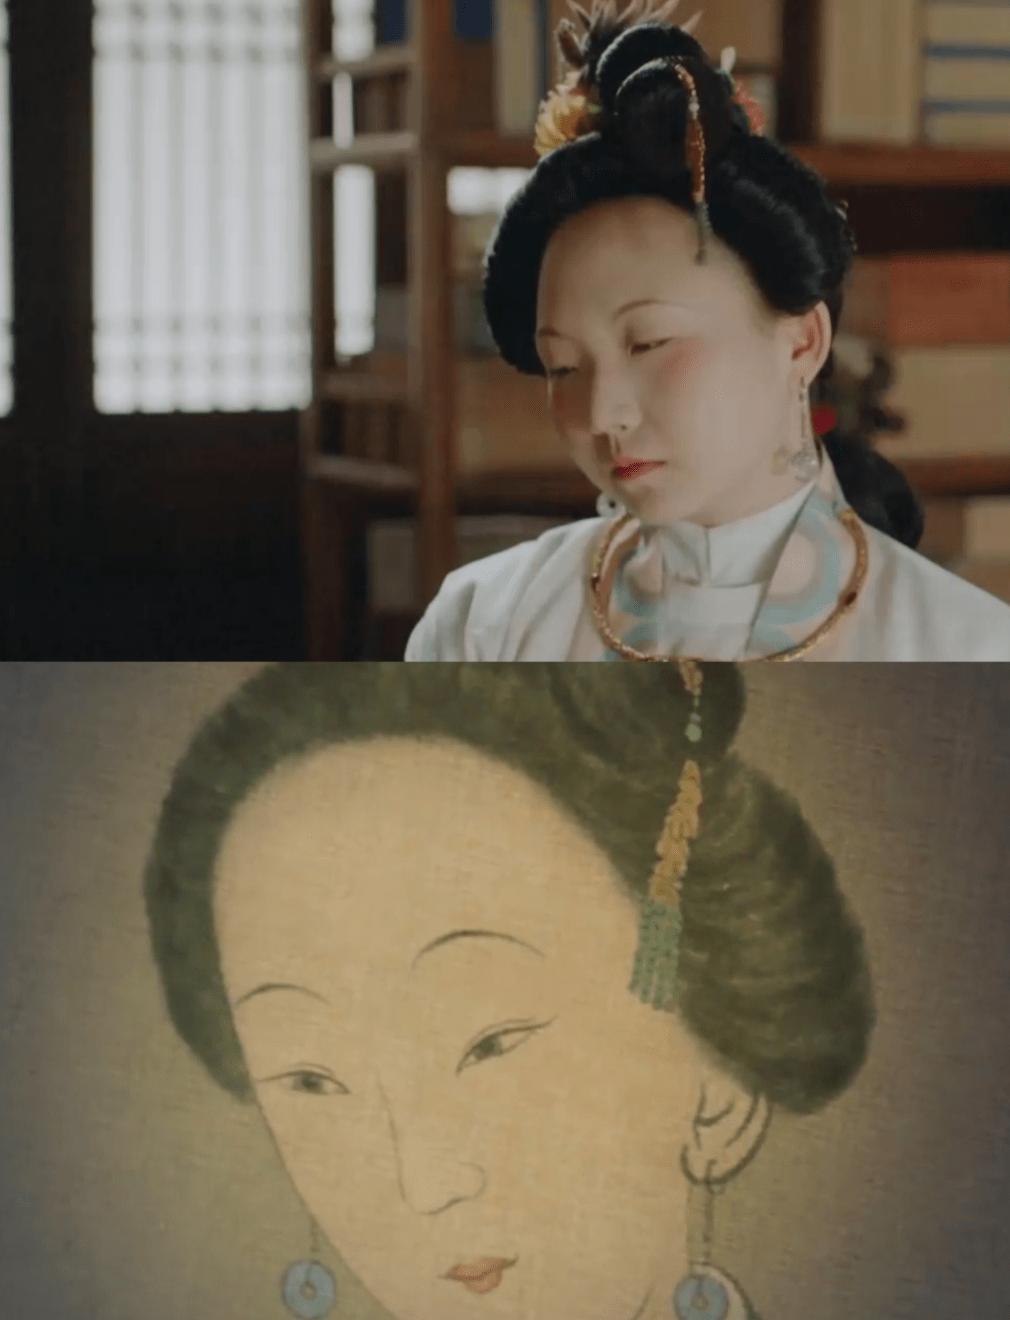 辣目洋子撞脸古画,柳叶眉樱桃嘴似复制粘贴,网友:穿越过来的吧